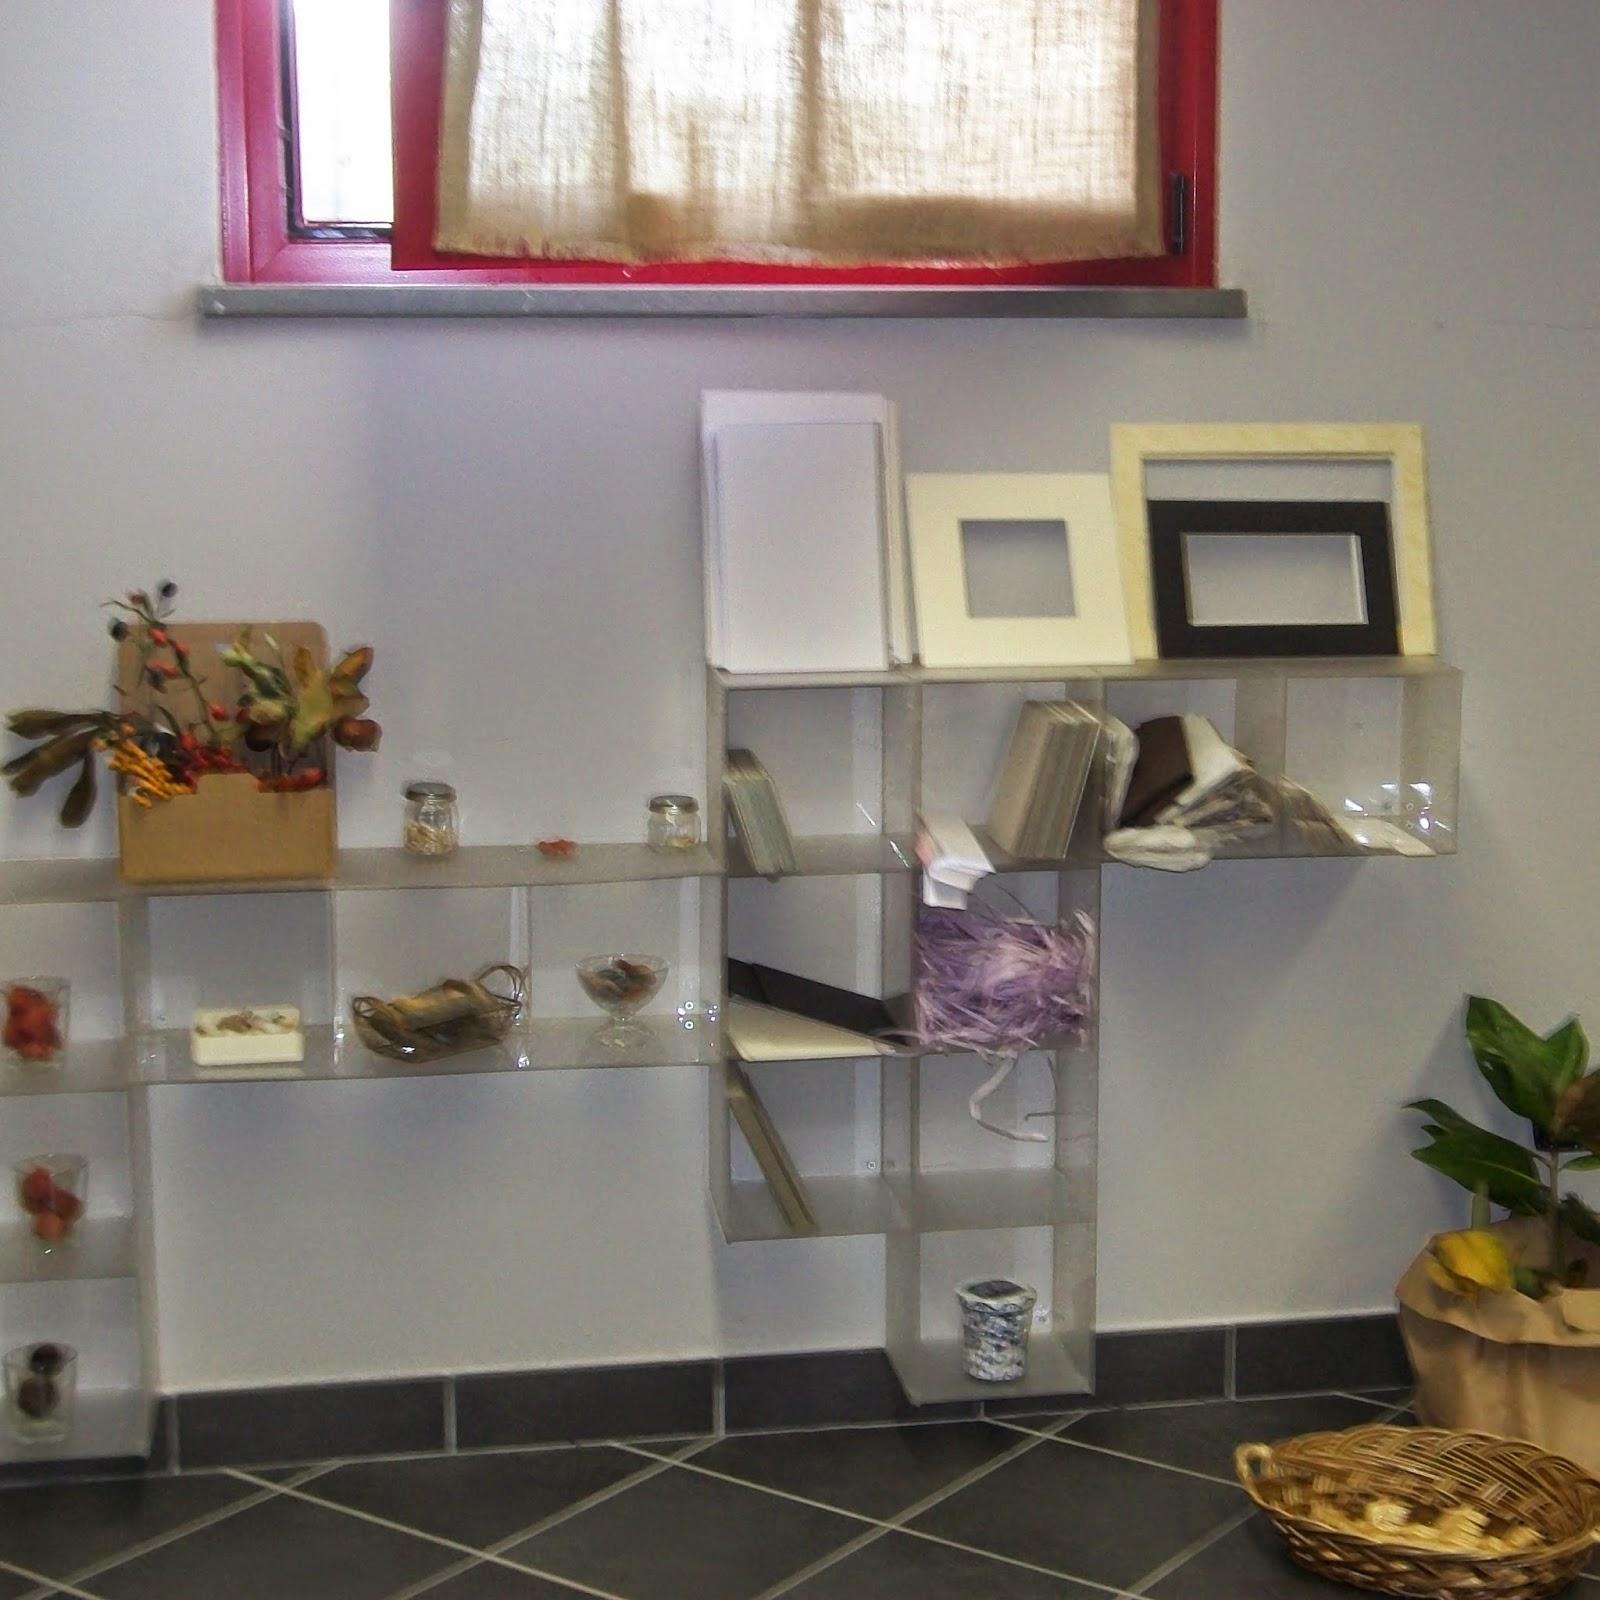 Organizzare lo spazio e arredare con materiali riciclati - Foto 9